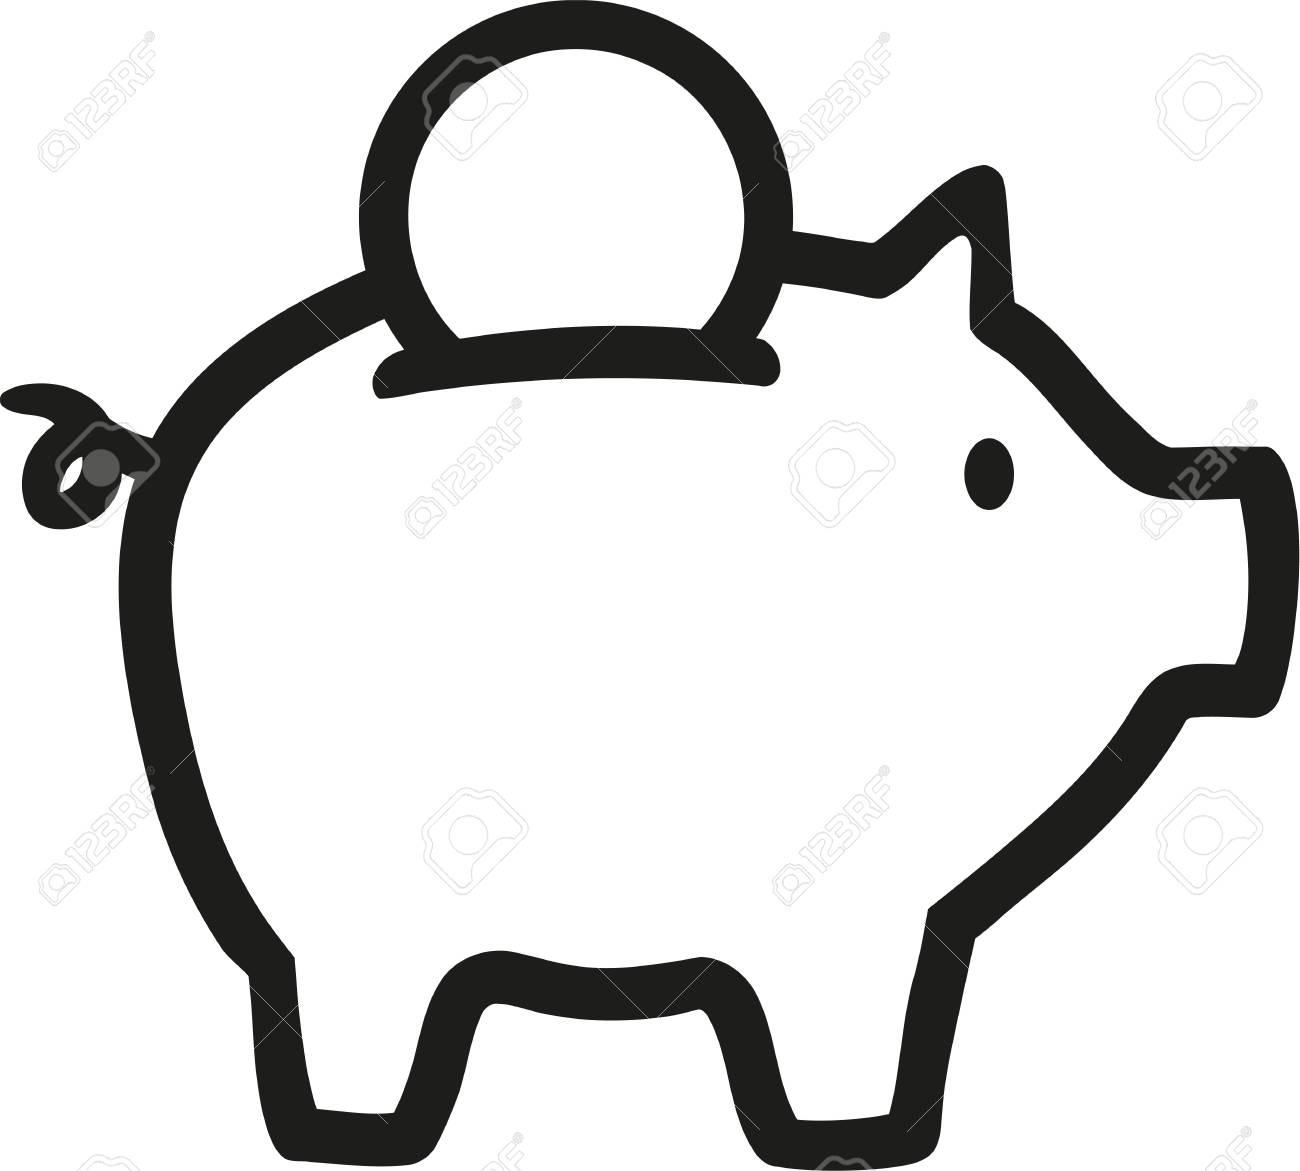 Piggy Bank icon - 64100712